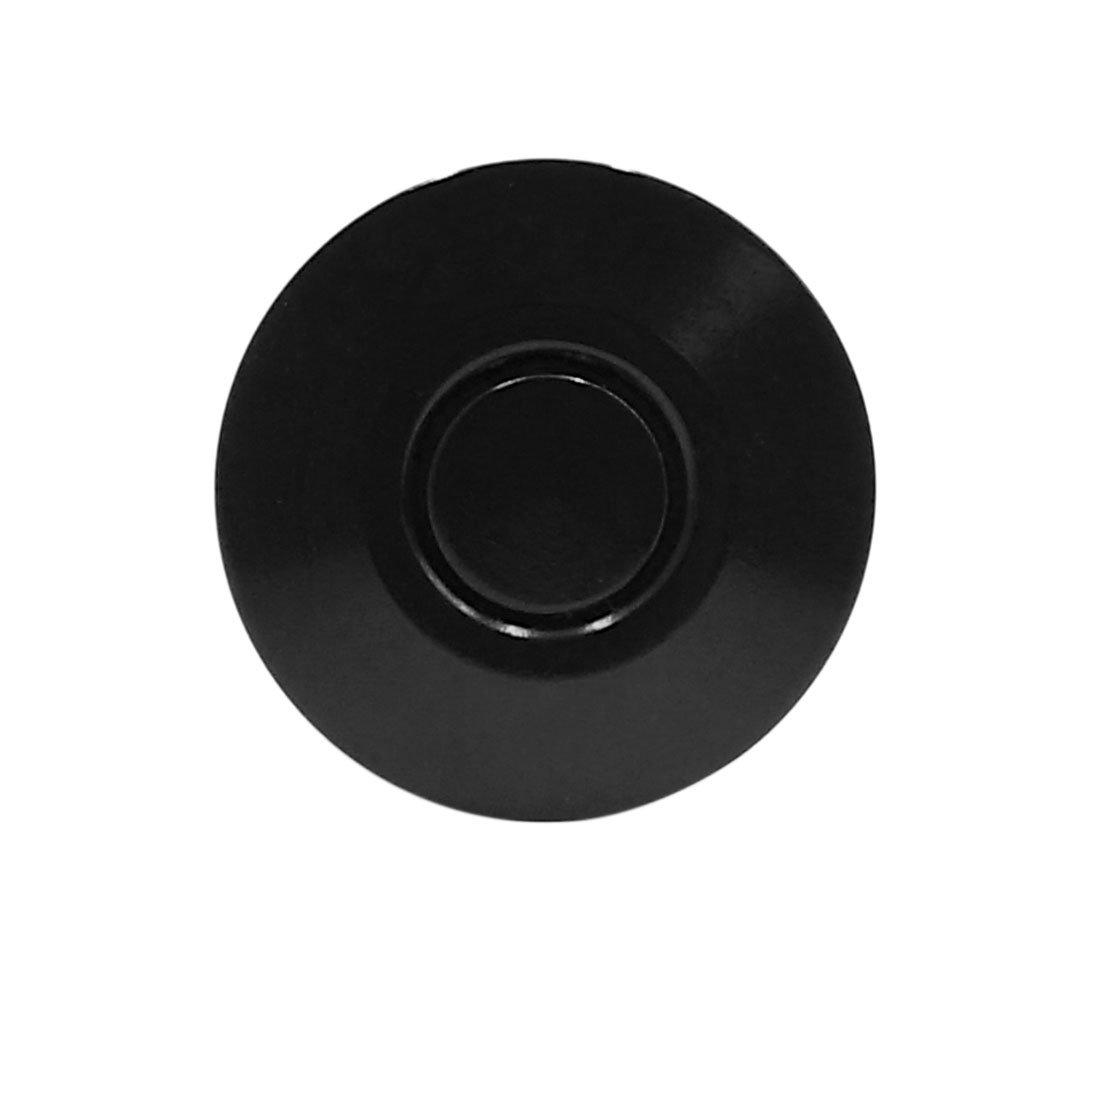 sourcing map Pulsador Pasadores del Cap/ó Traba Pestillo Cierre R/ápido para Coche Aluminio Negro